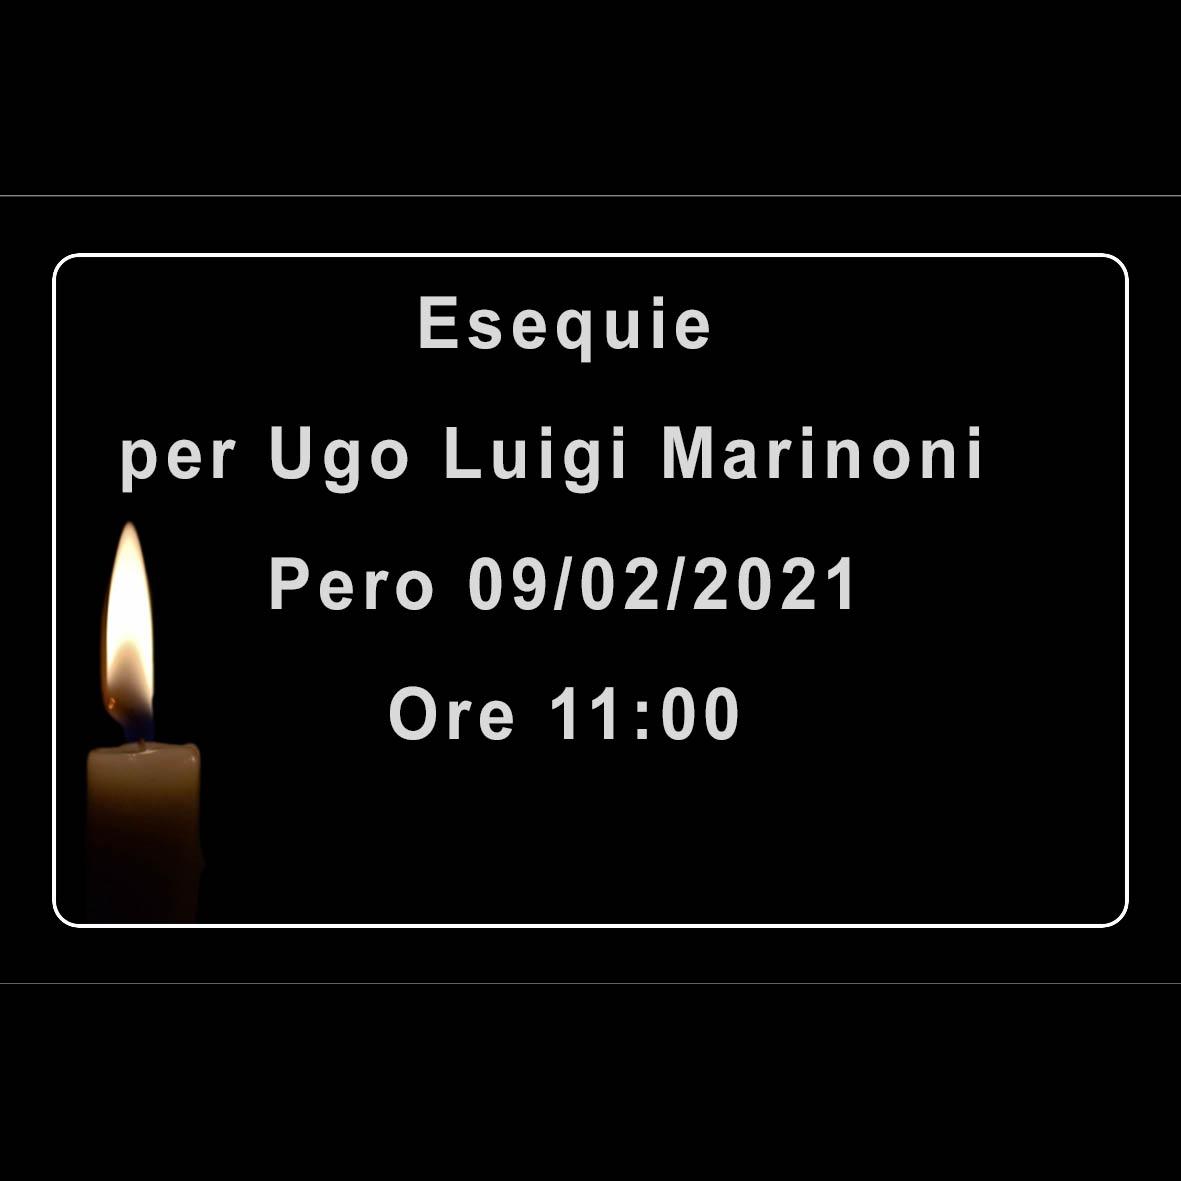 Esequie per Ugo Luigi Marinoni